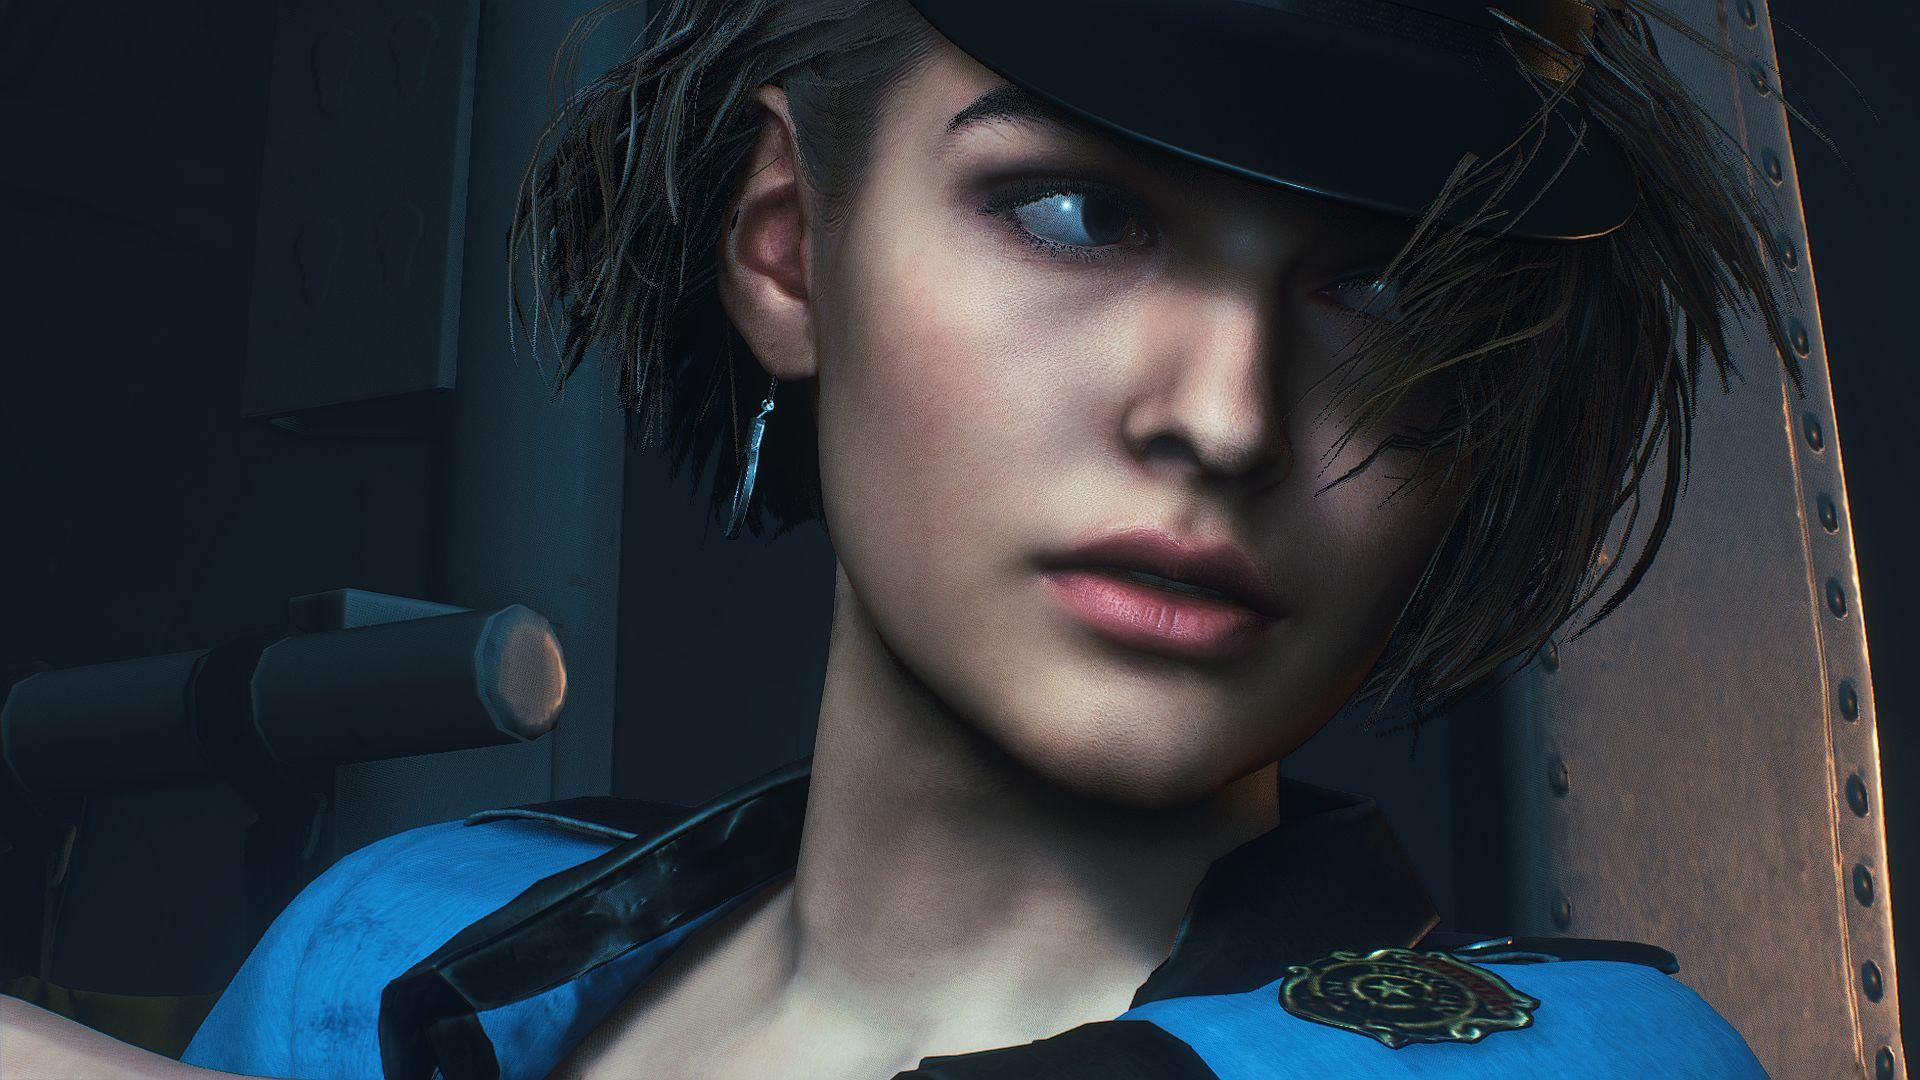 000997.Jpg - Resident Evil 3: Nemesis